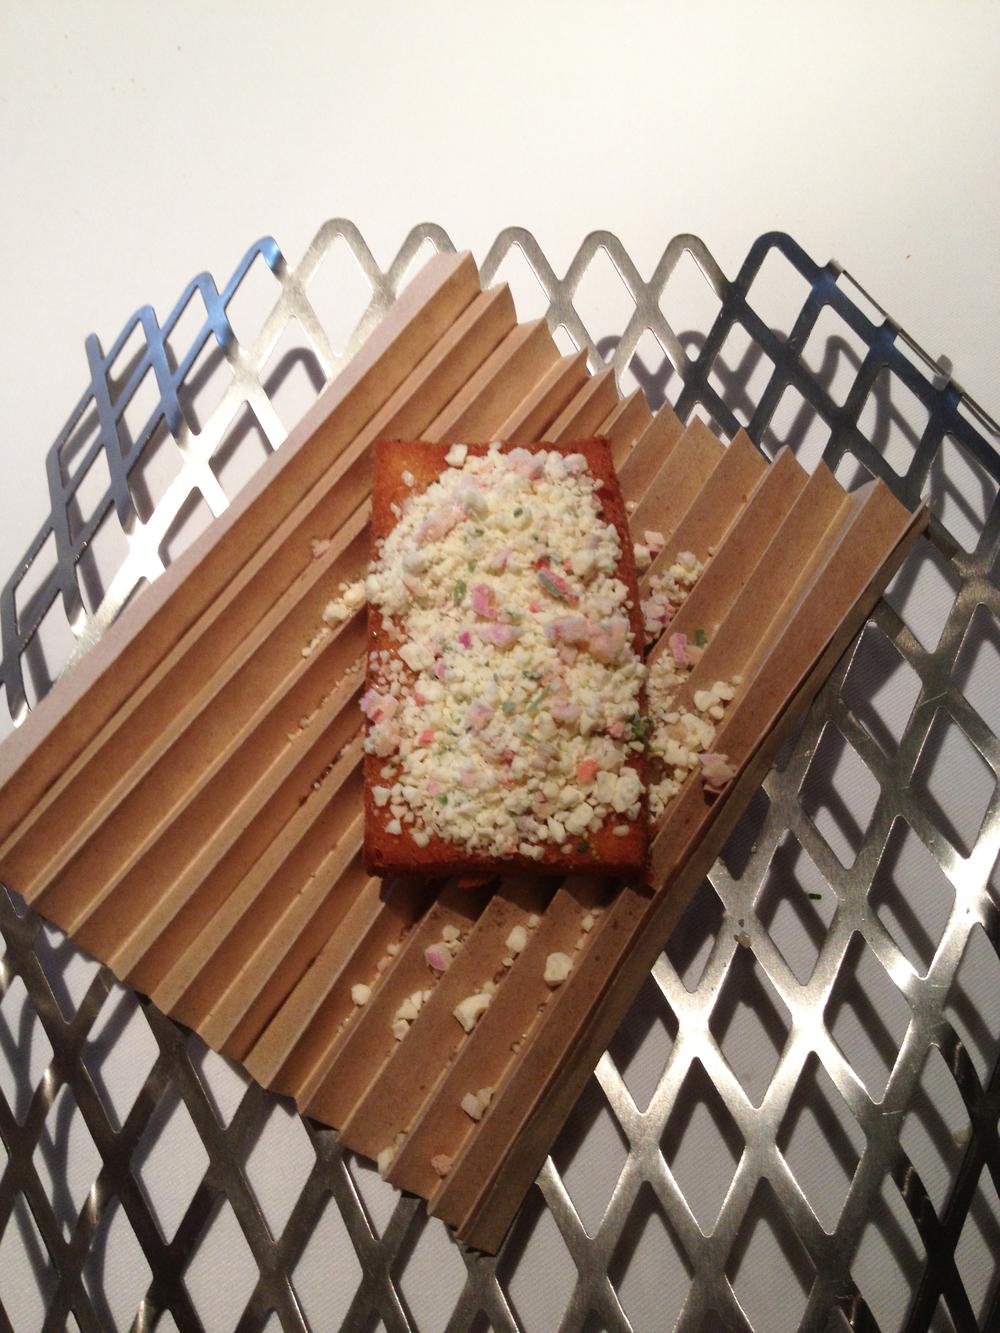 Al fin tierra, el momento de La integración, que se abre con este pan con chimbombo.